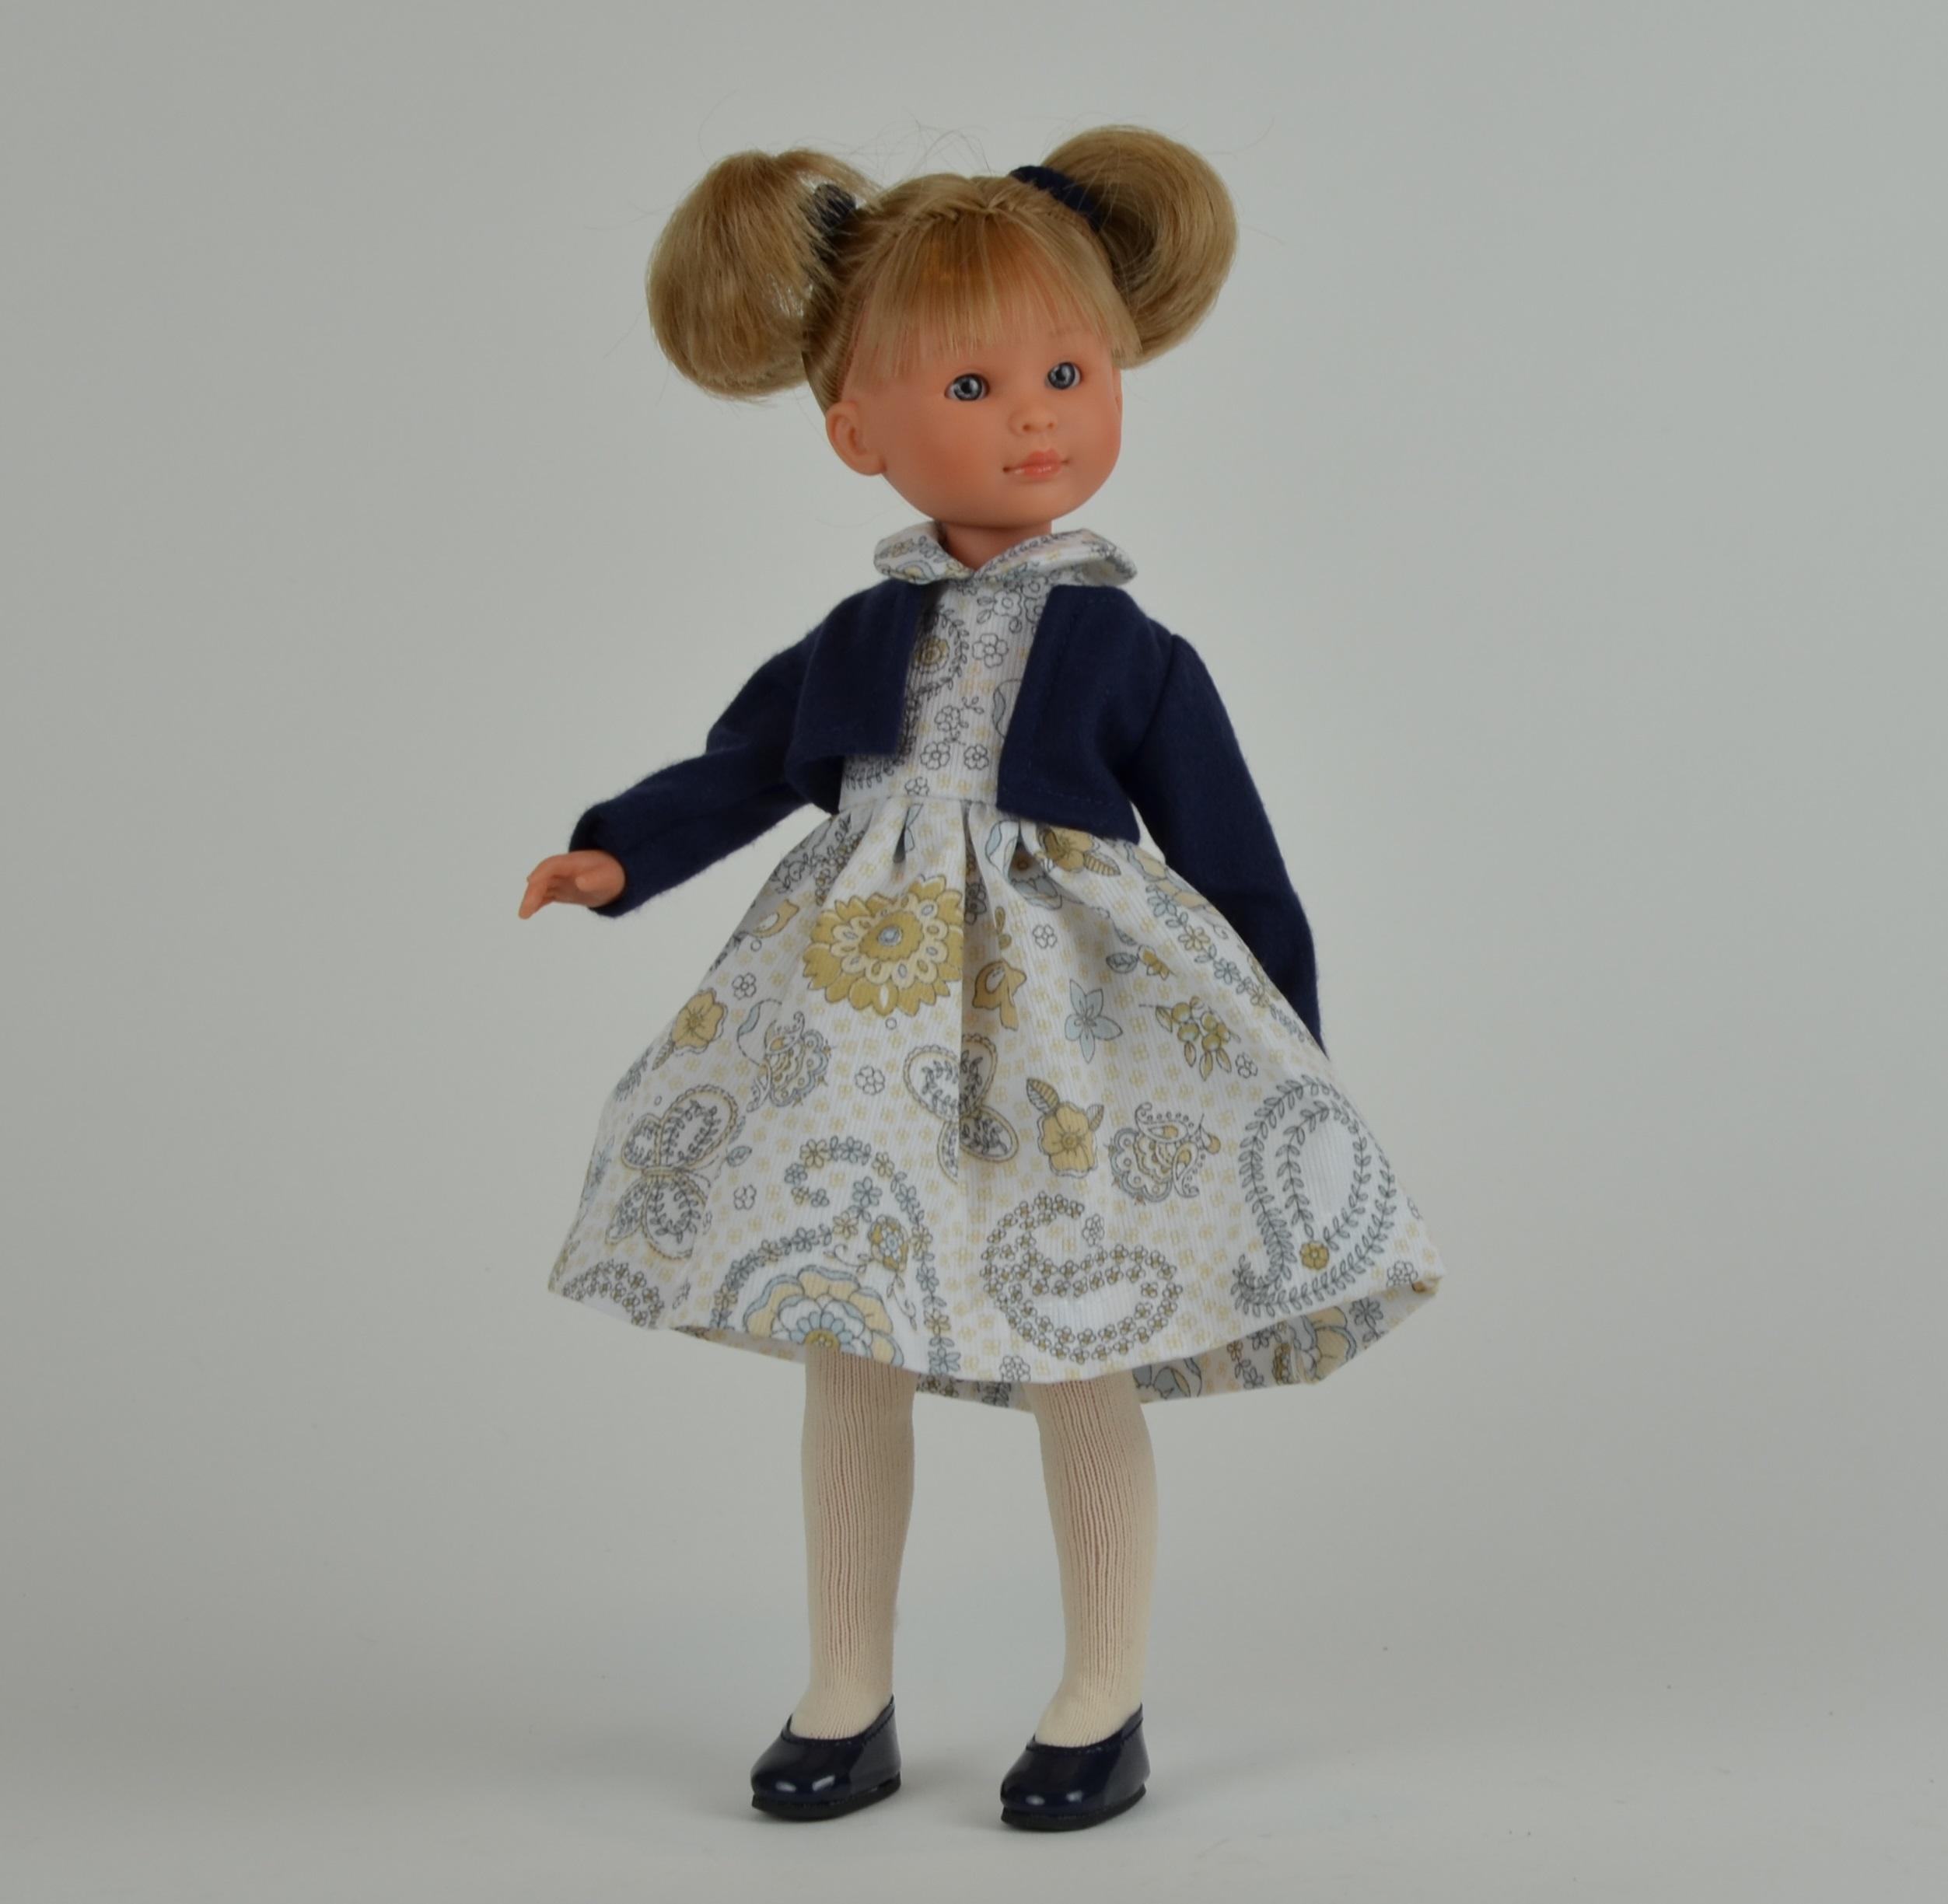 Кукла Селия в синем болеро, 30 см.Куклы ASI (Испания)<br>Кукла Селия в синем болеро, 30 см.<br>